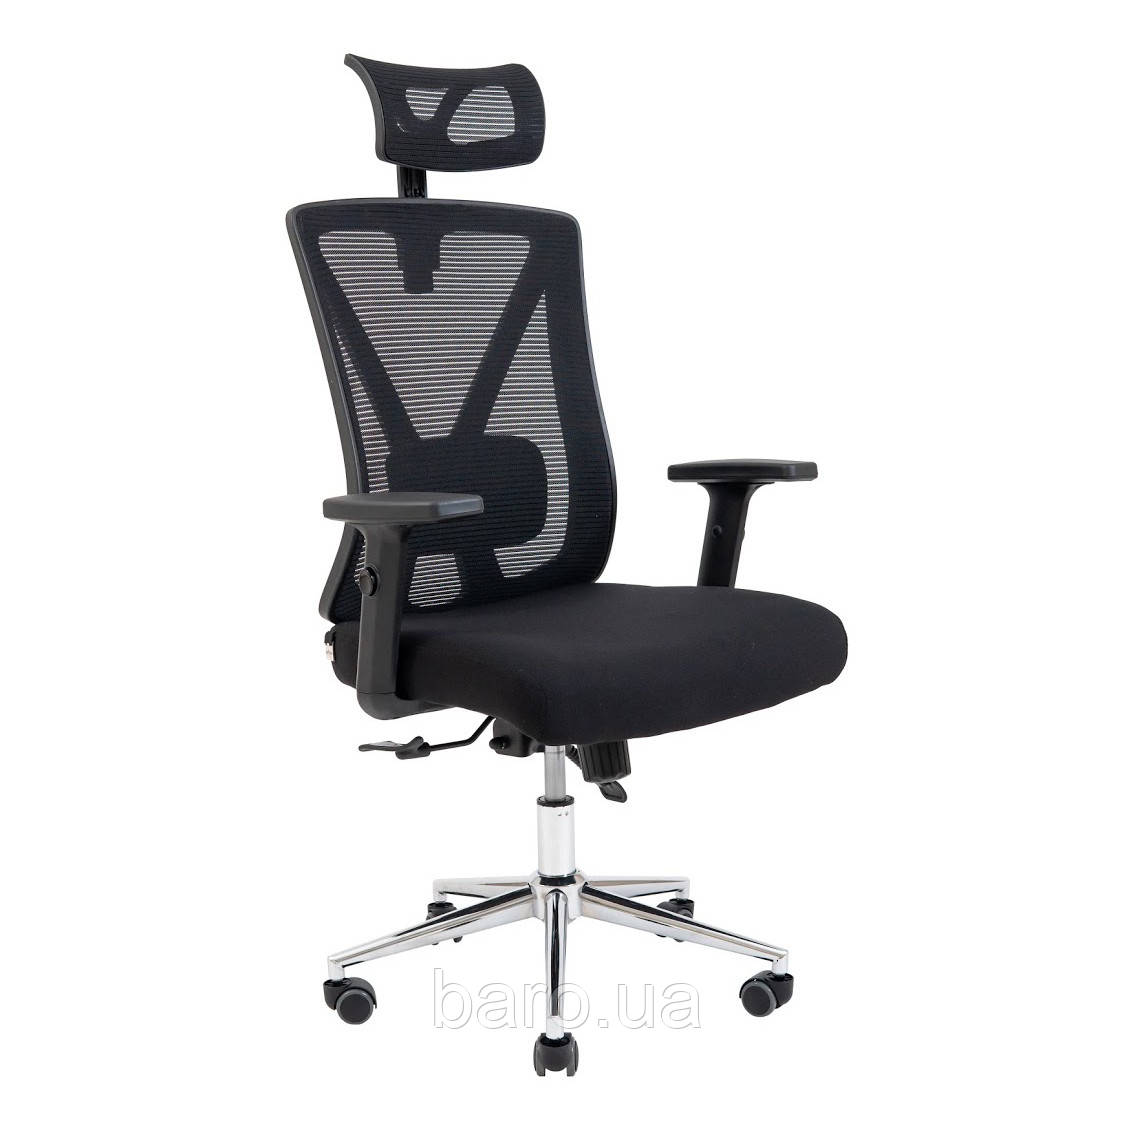 Кресло Интер черный, Richman